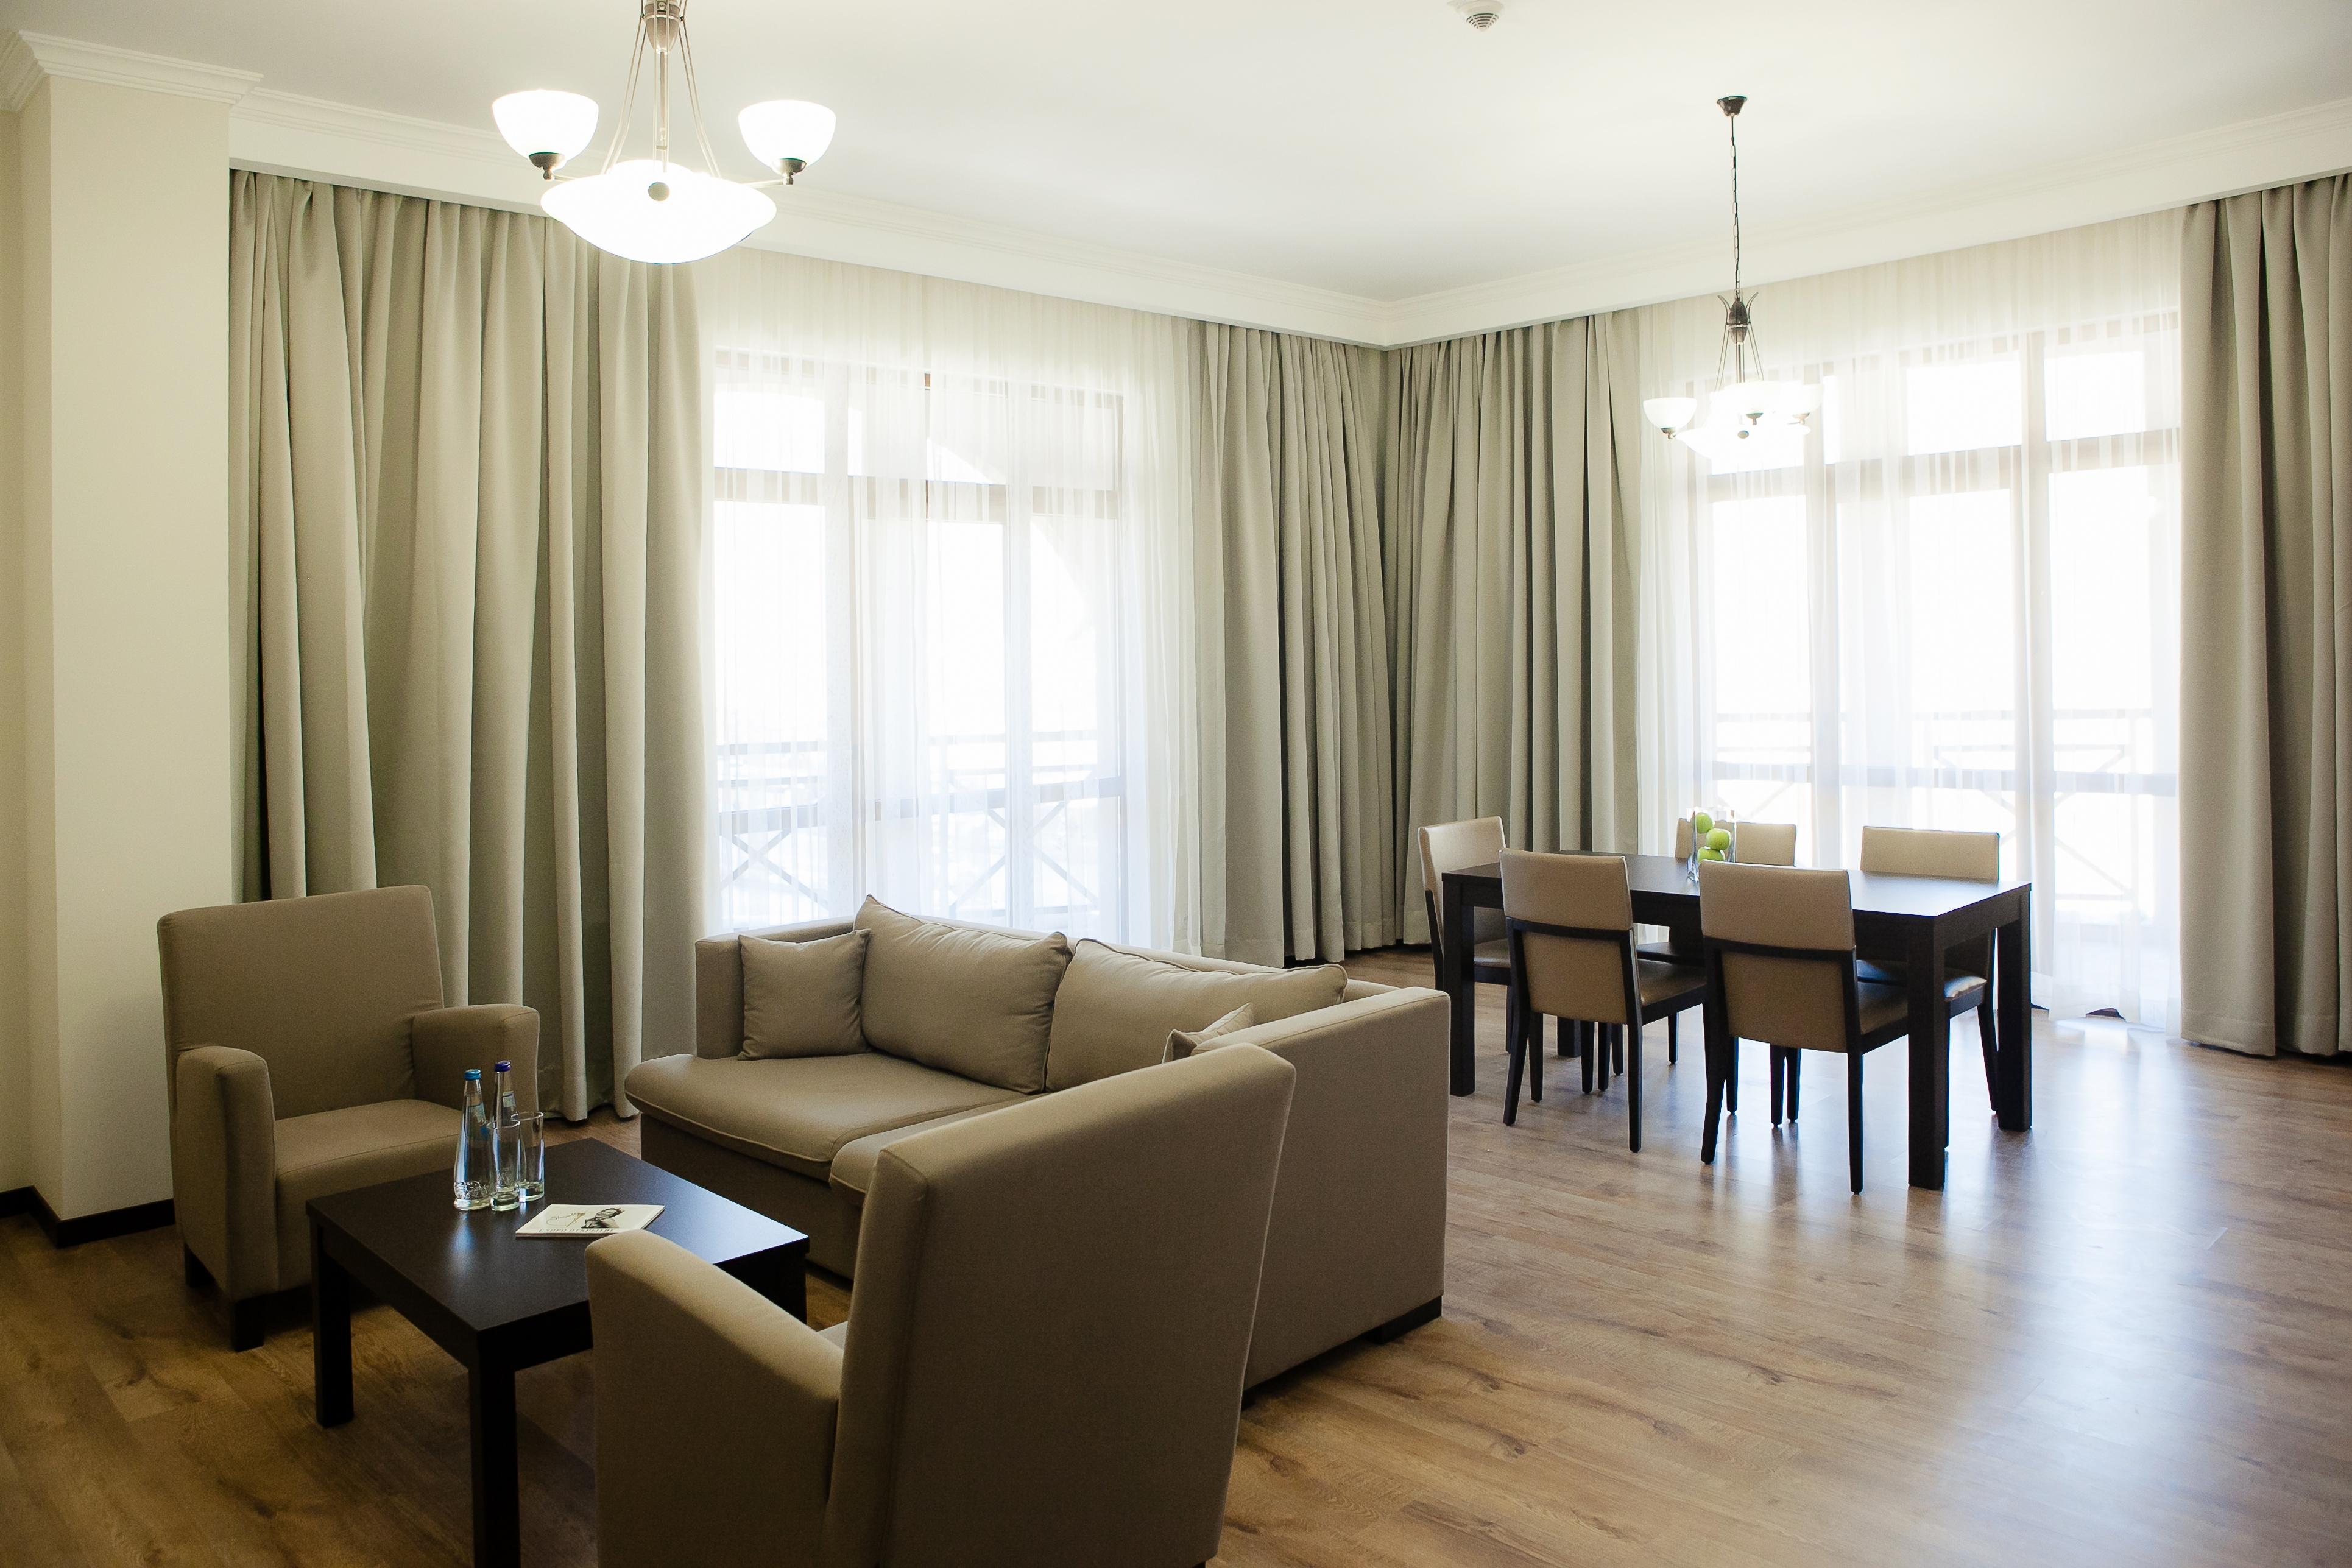 Однокомнатная квартира 40 кв м с панорамными окнами